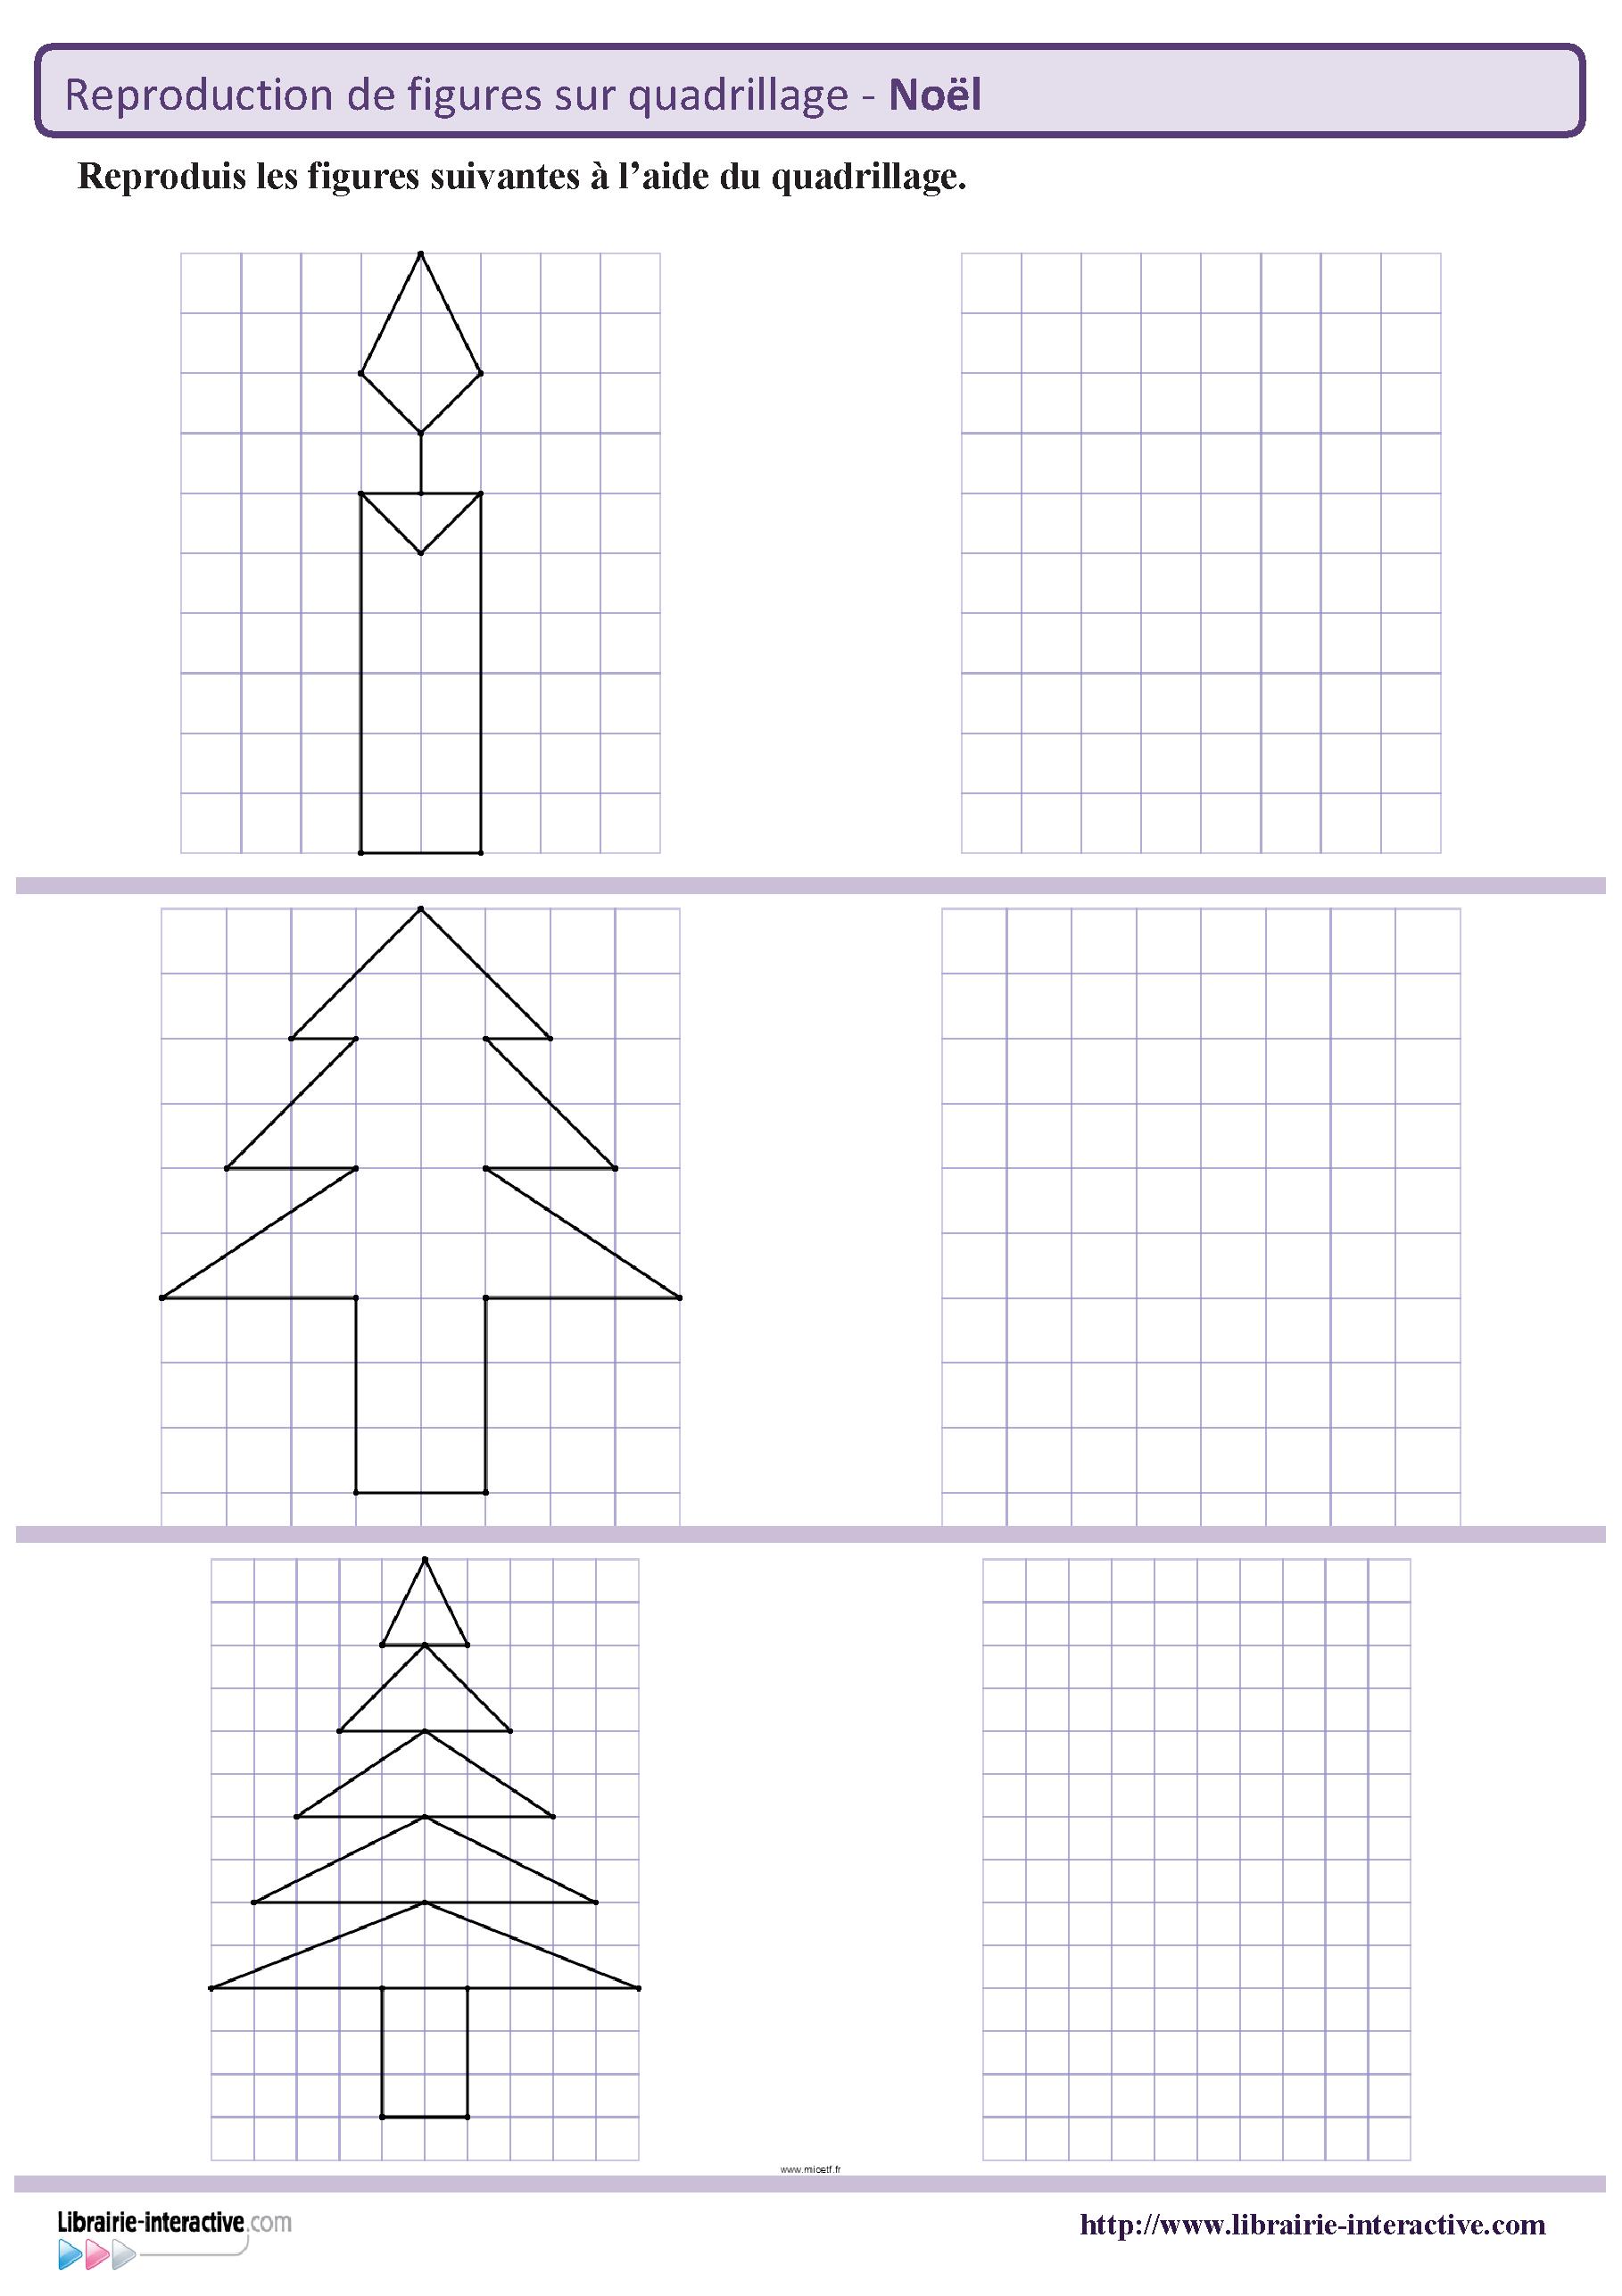 Des Figures Geometriques Sur Le Theme De Noel A Reproduire Sur Quadrillage Du Ce1 Au Cm2